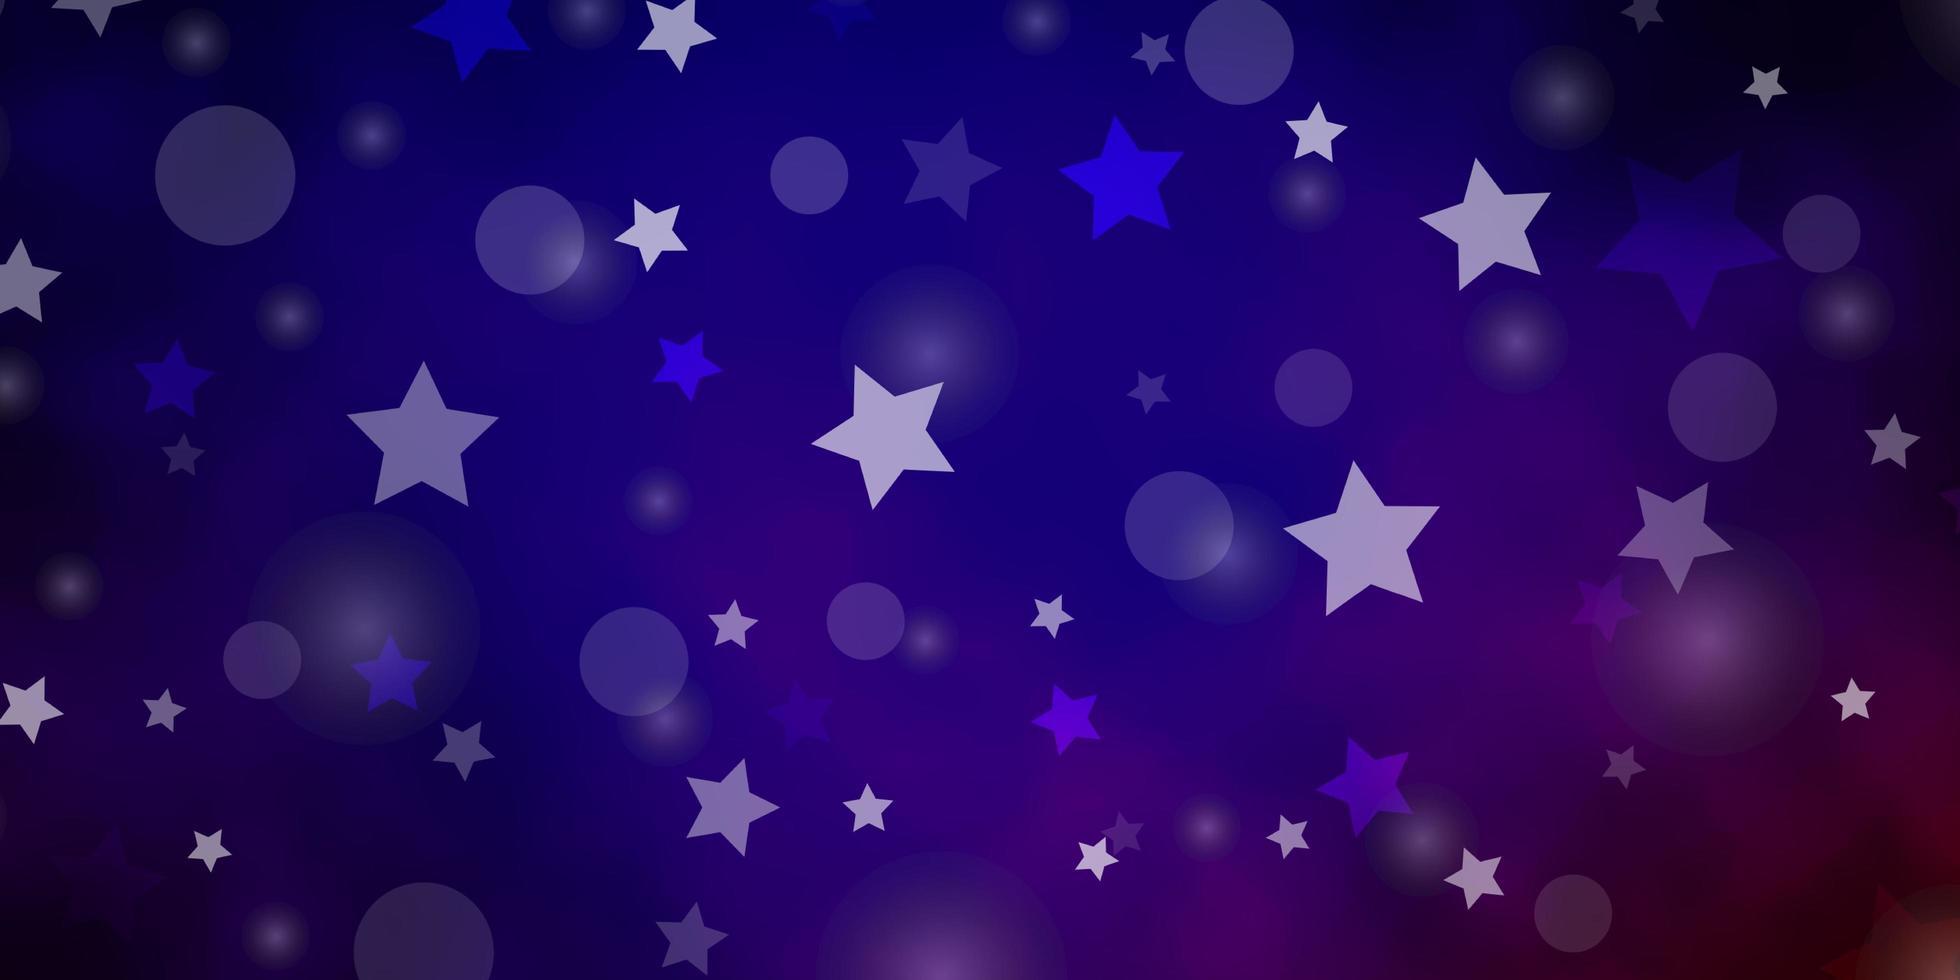 fundo vector azul escuro, vermelho com círculos, estrelas.